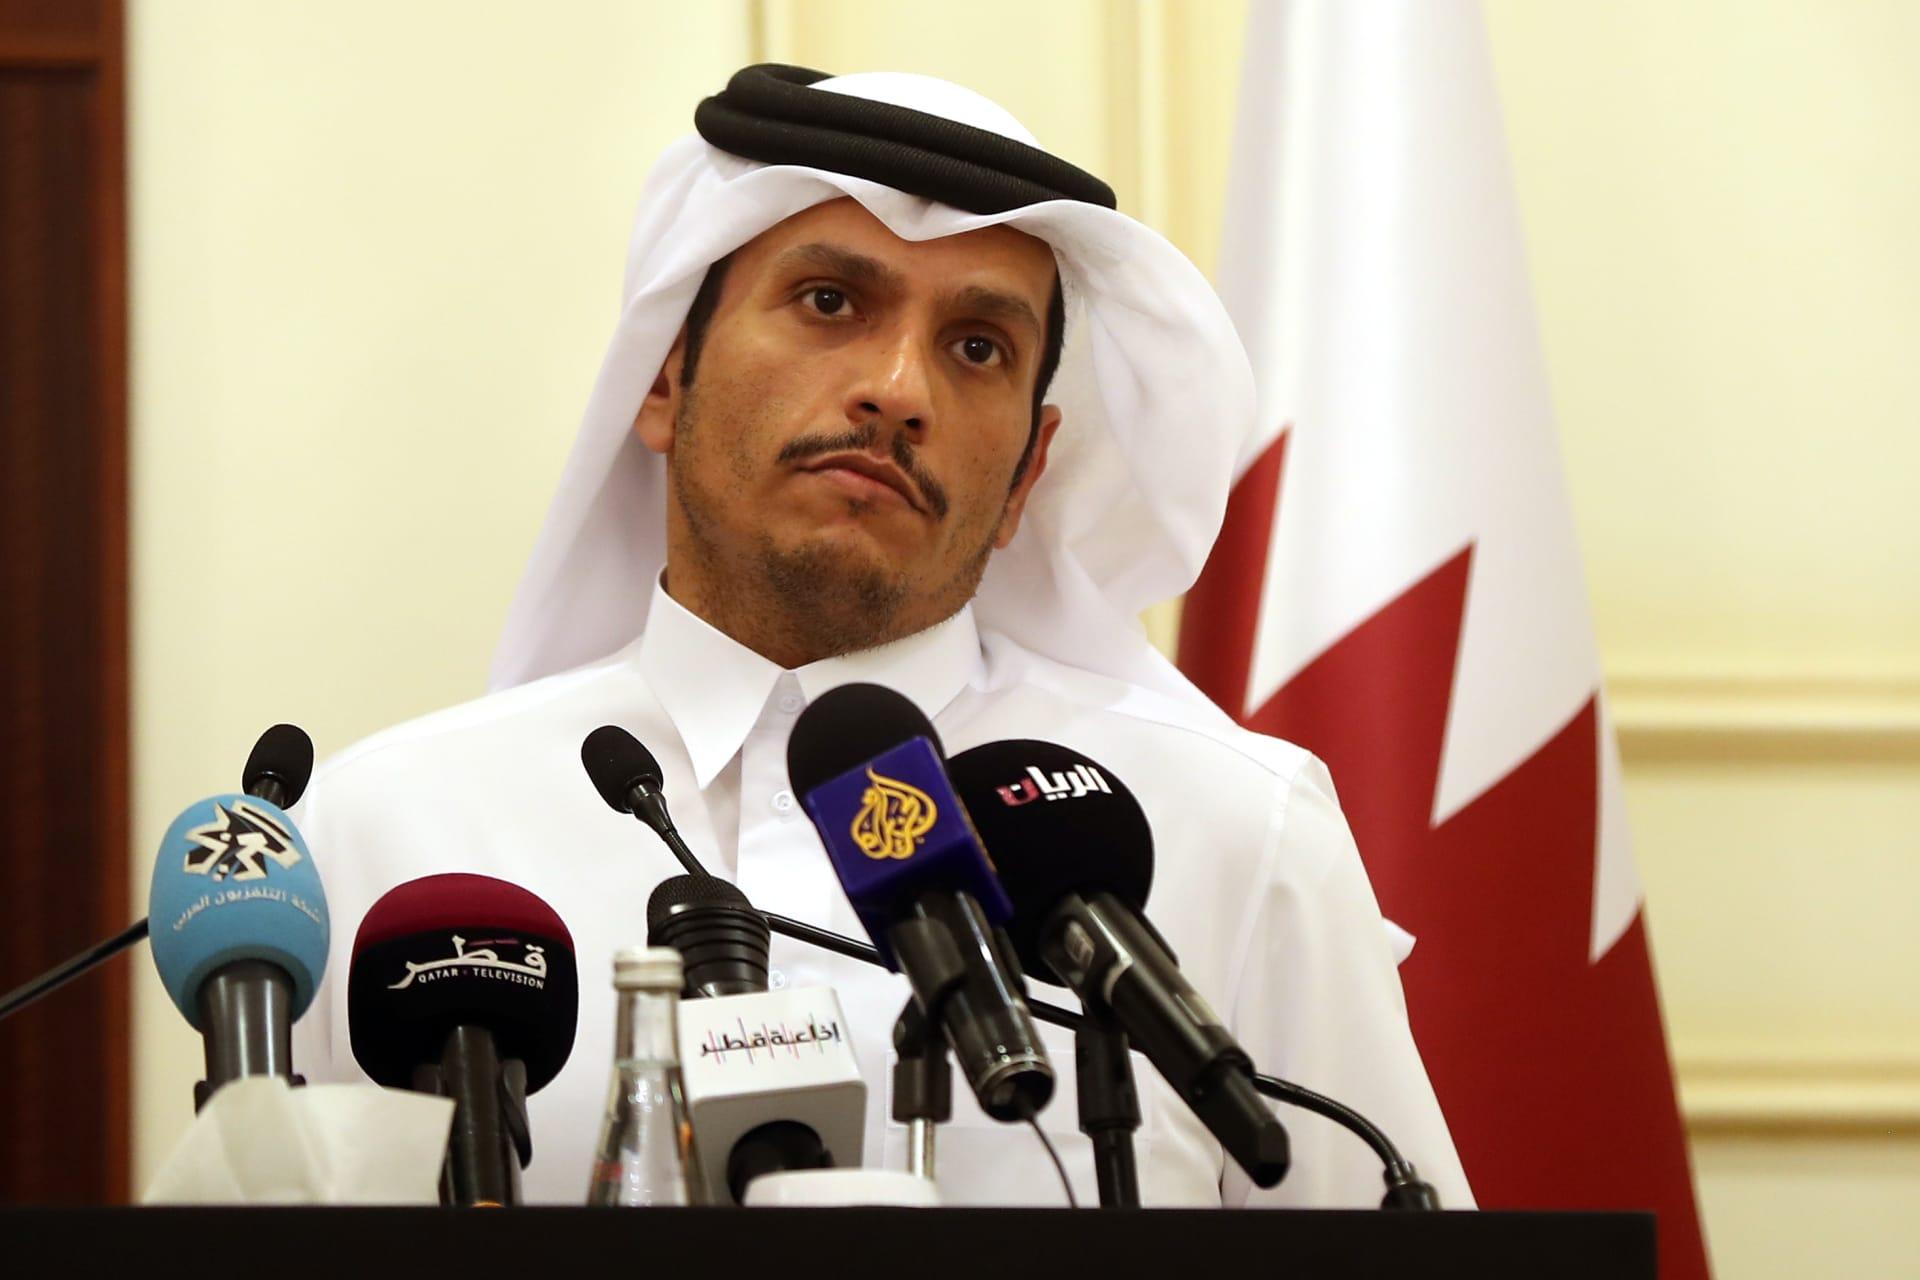 المجلس العسكري السوداني يوضح سبب إعفاء وكيل وزارة الخارجية بعد بيان قطر